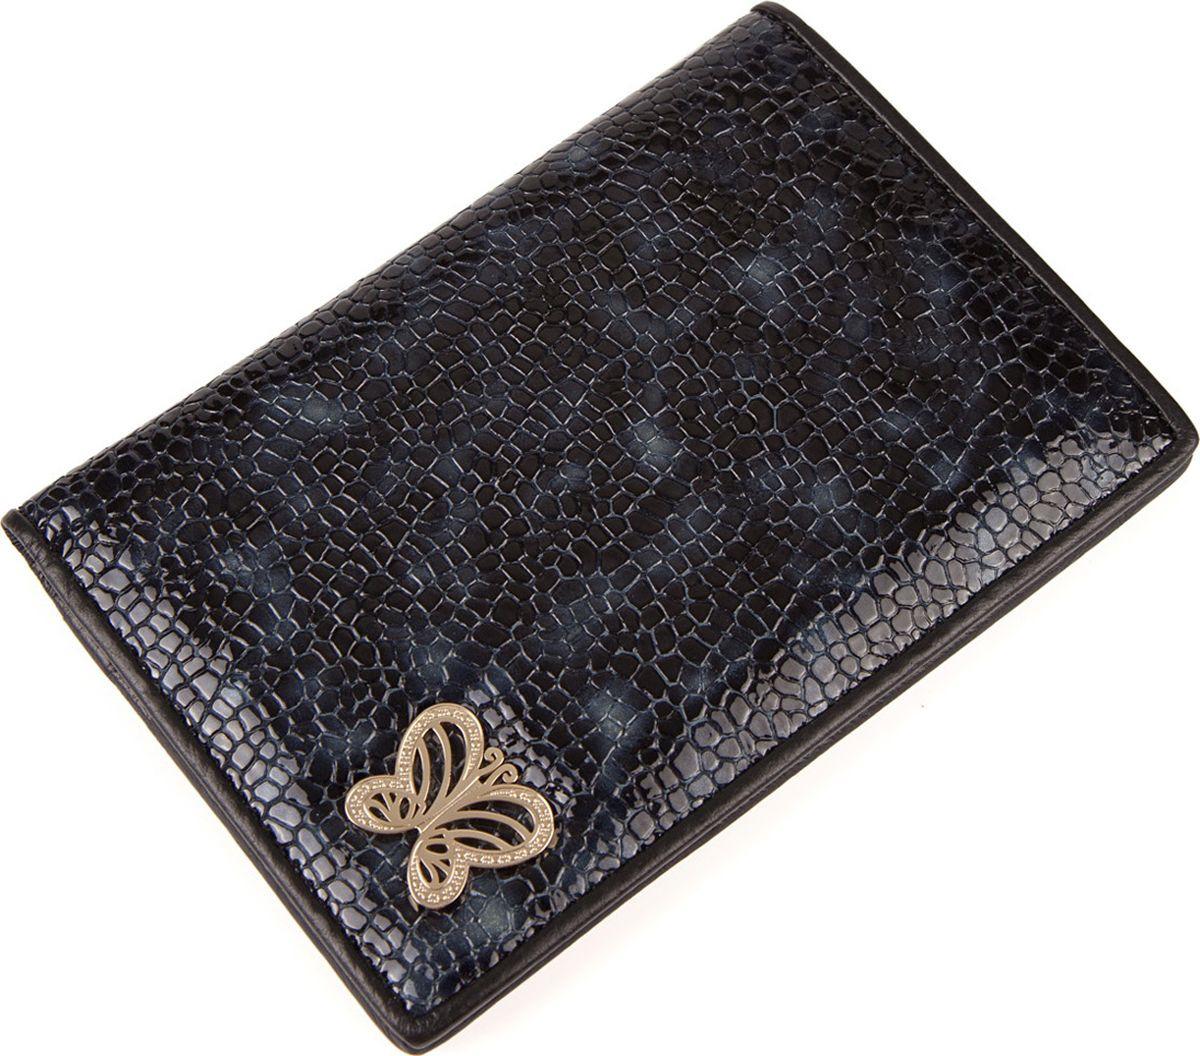 Обложка для документов женская Labbra, L053-0011 blue/black, синий, черный цена